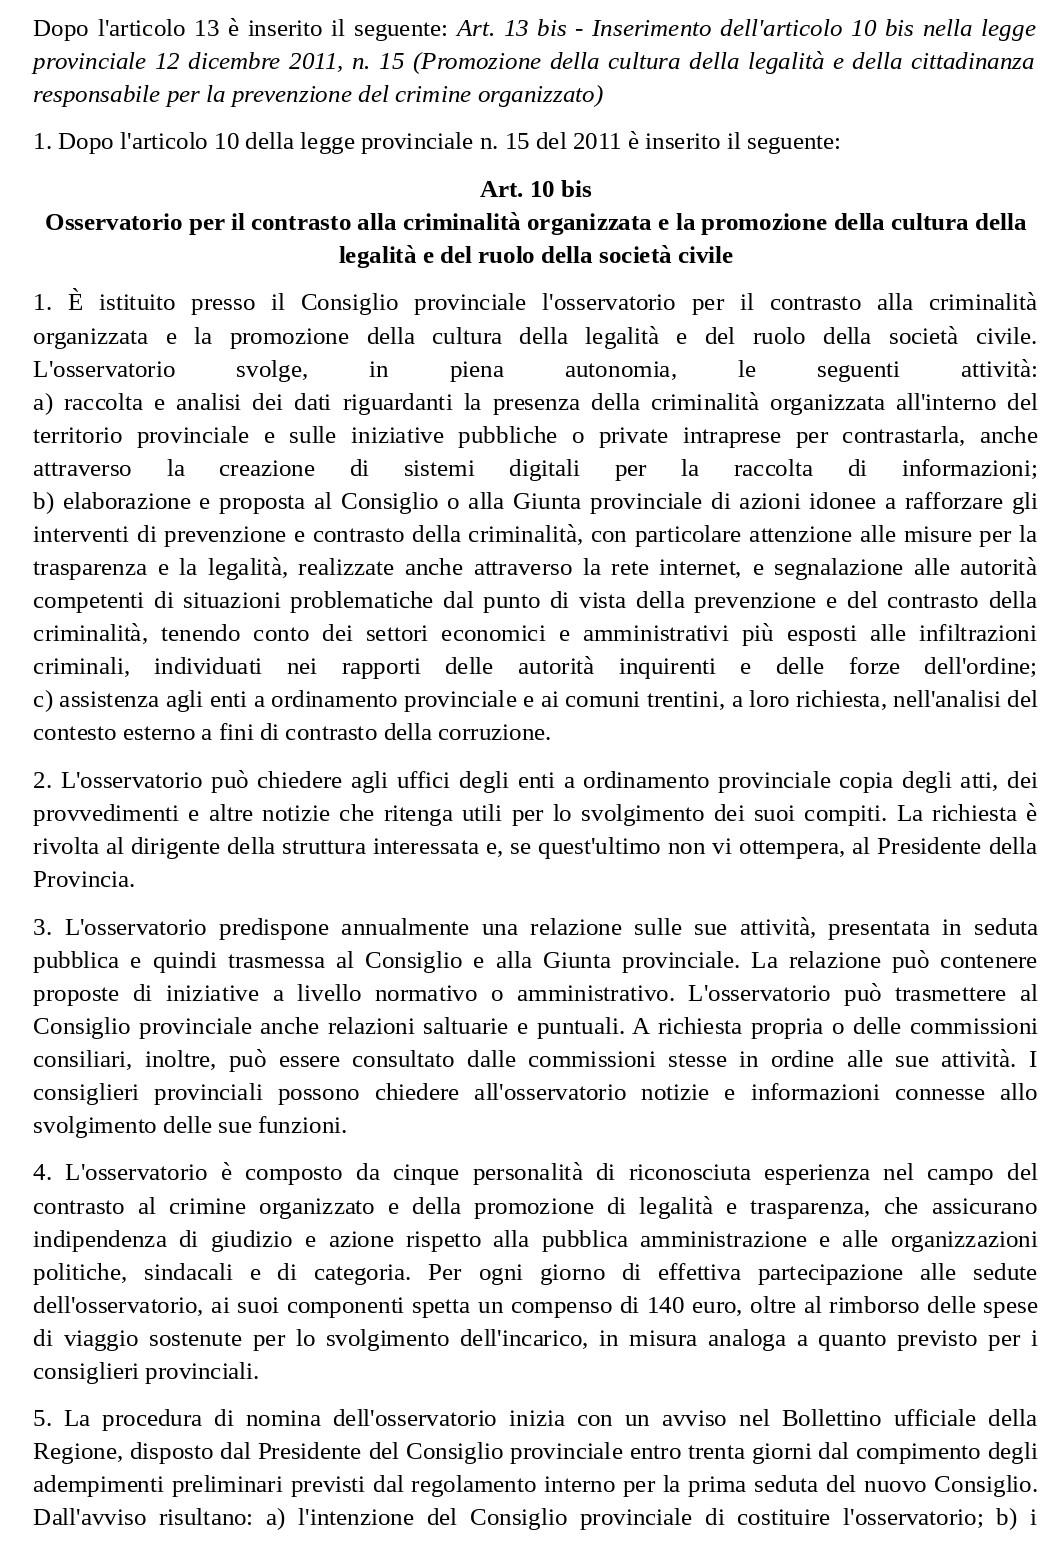 emendamento 13_7 Osservatorio con sorteggio_page-0001